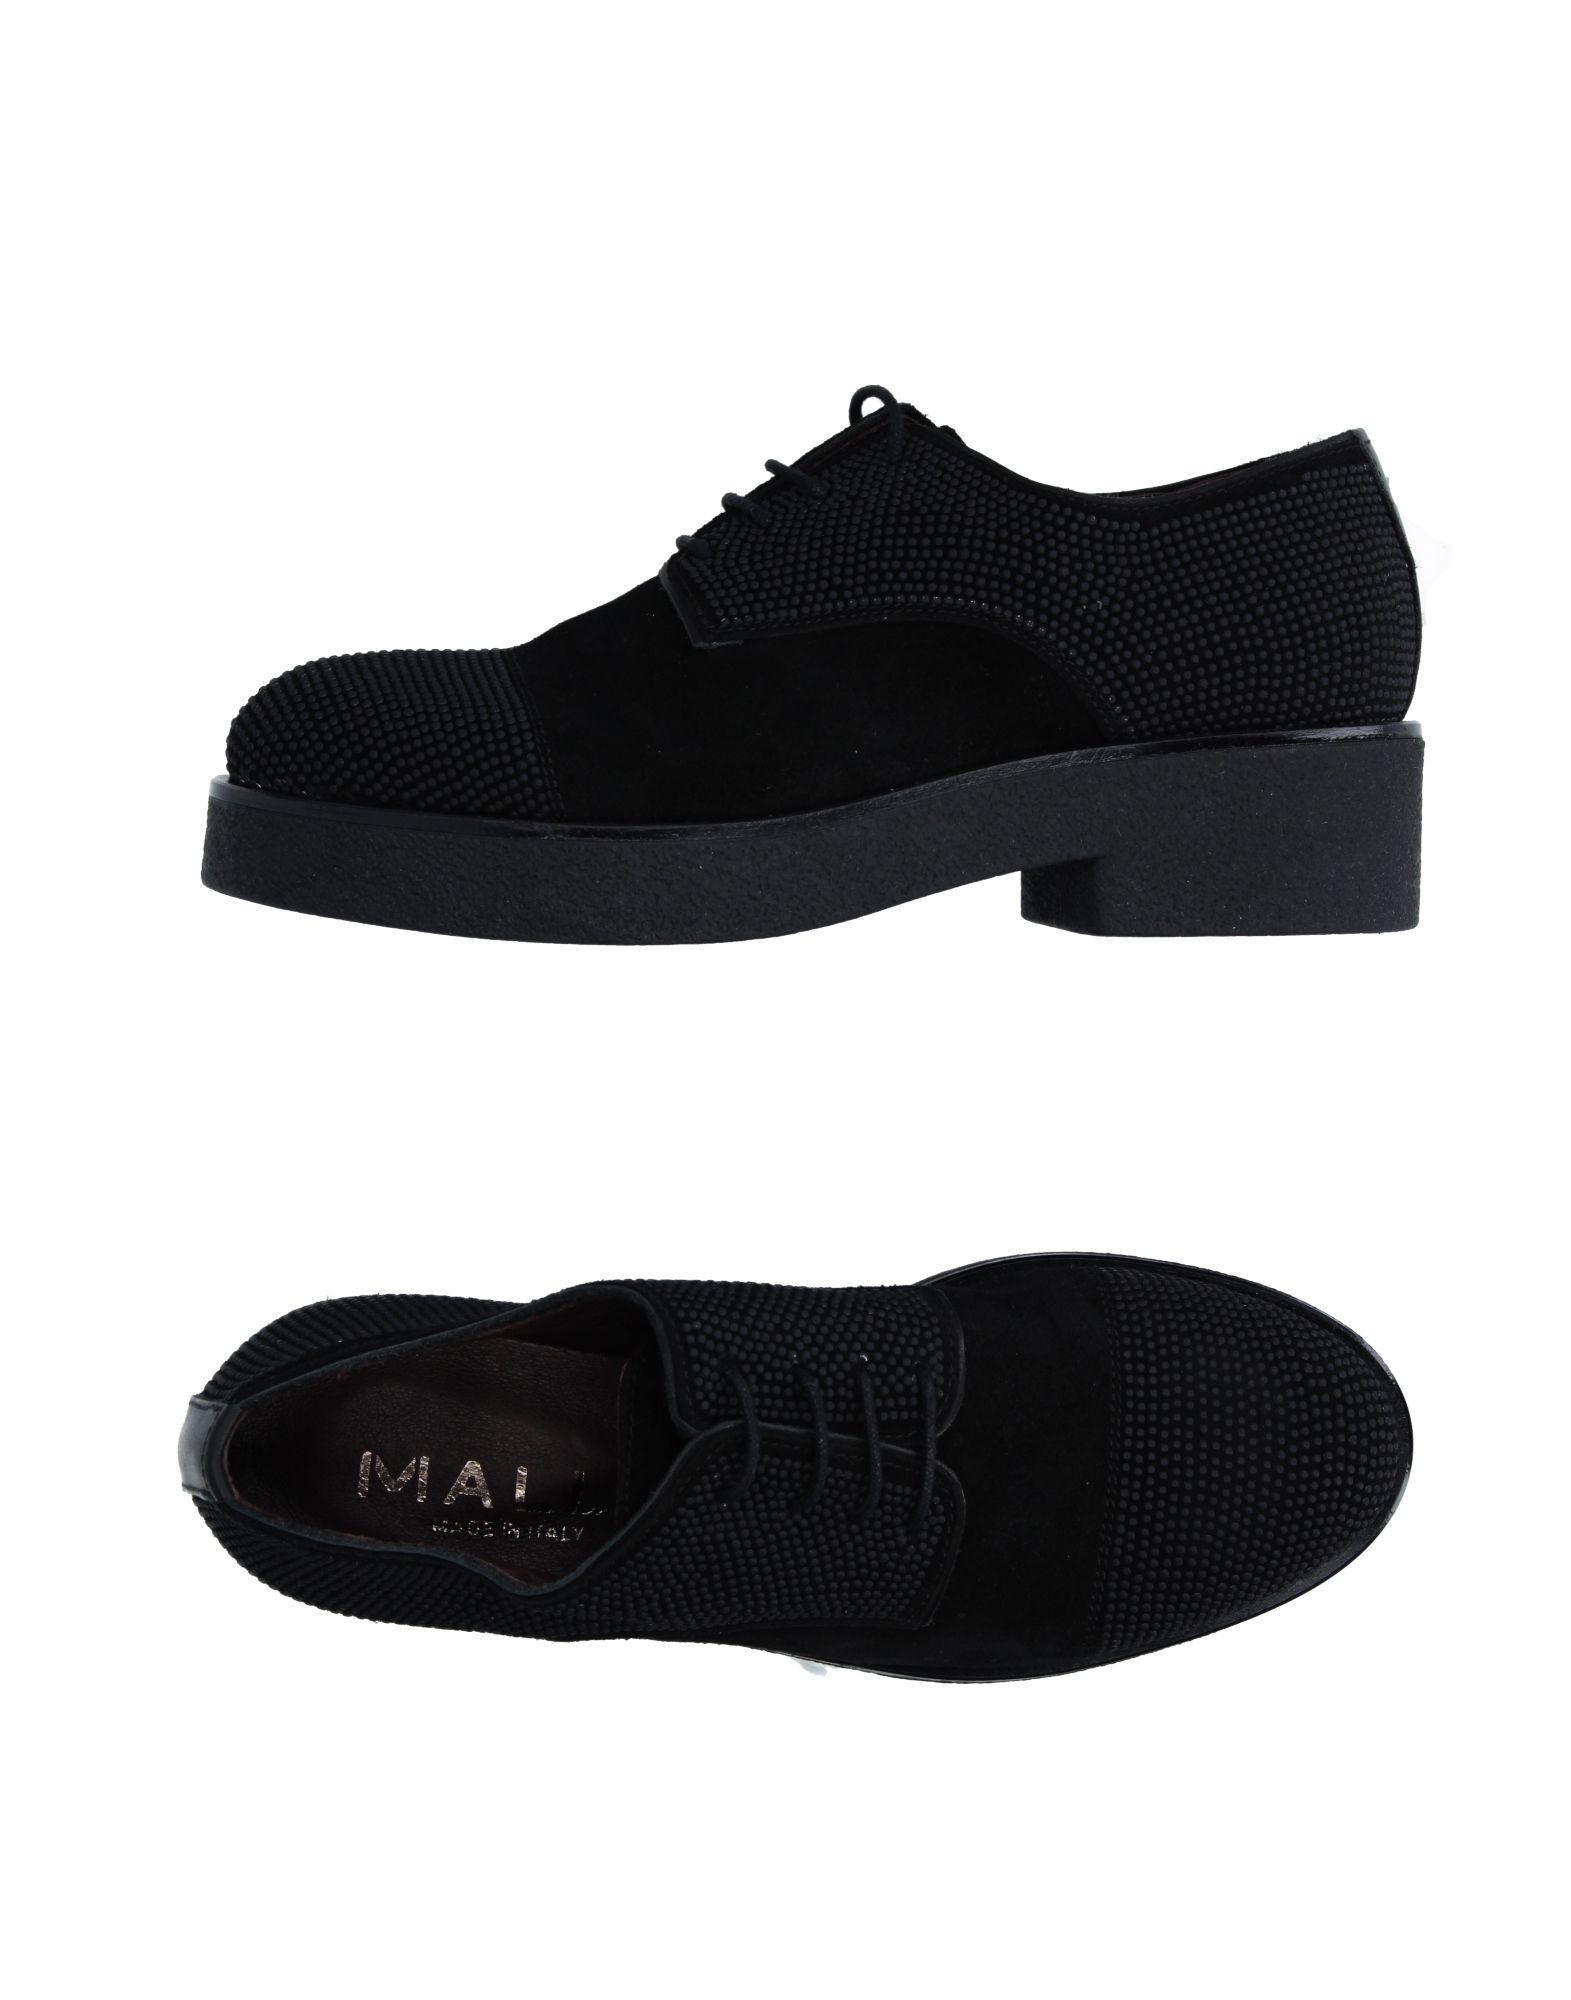 Mally Schnürschuhe Damen  11311595JQ Gute Qualität beliebte Schuhe